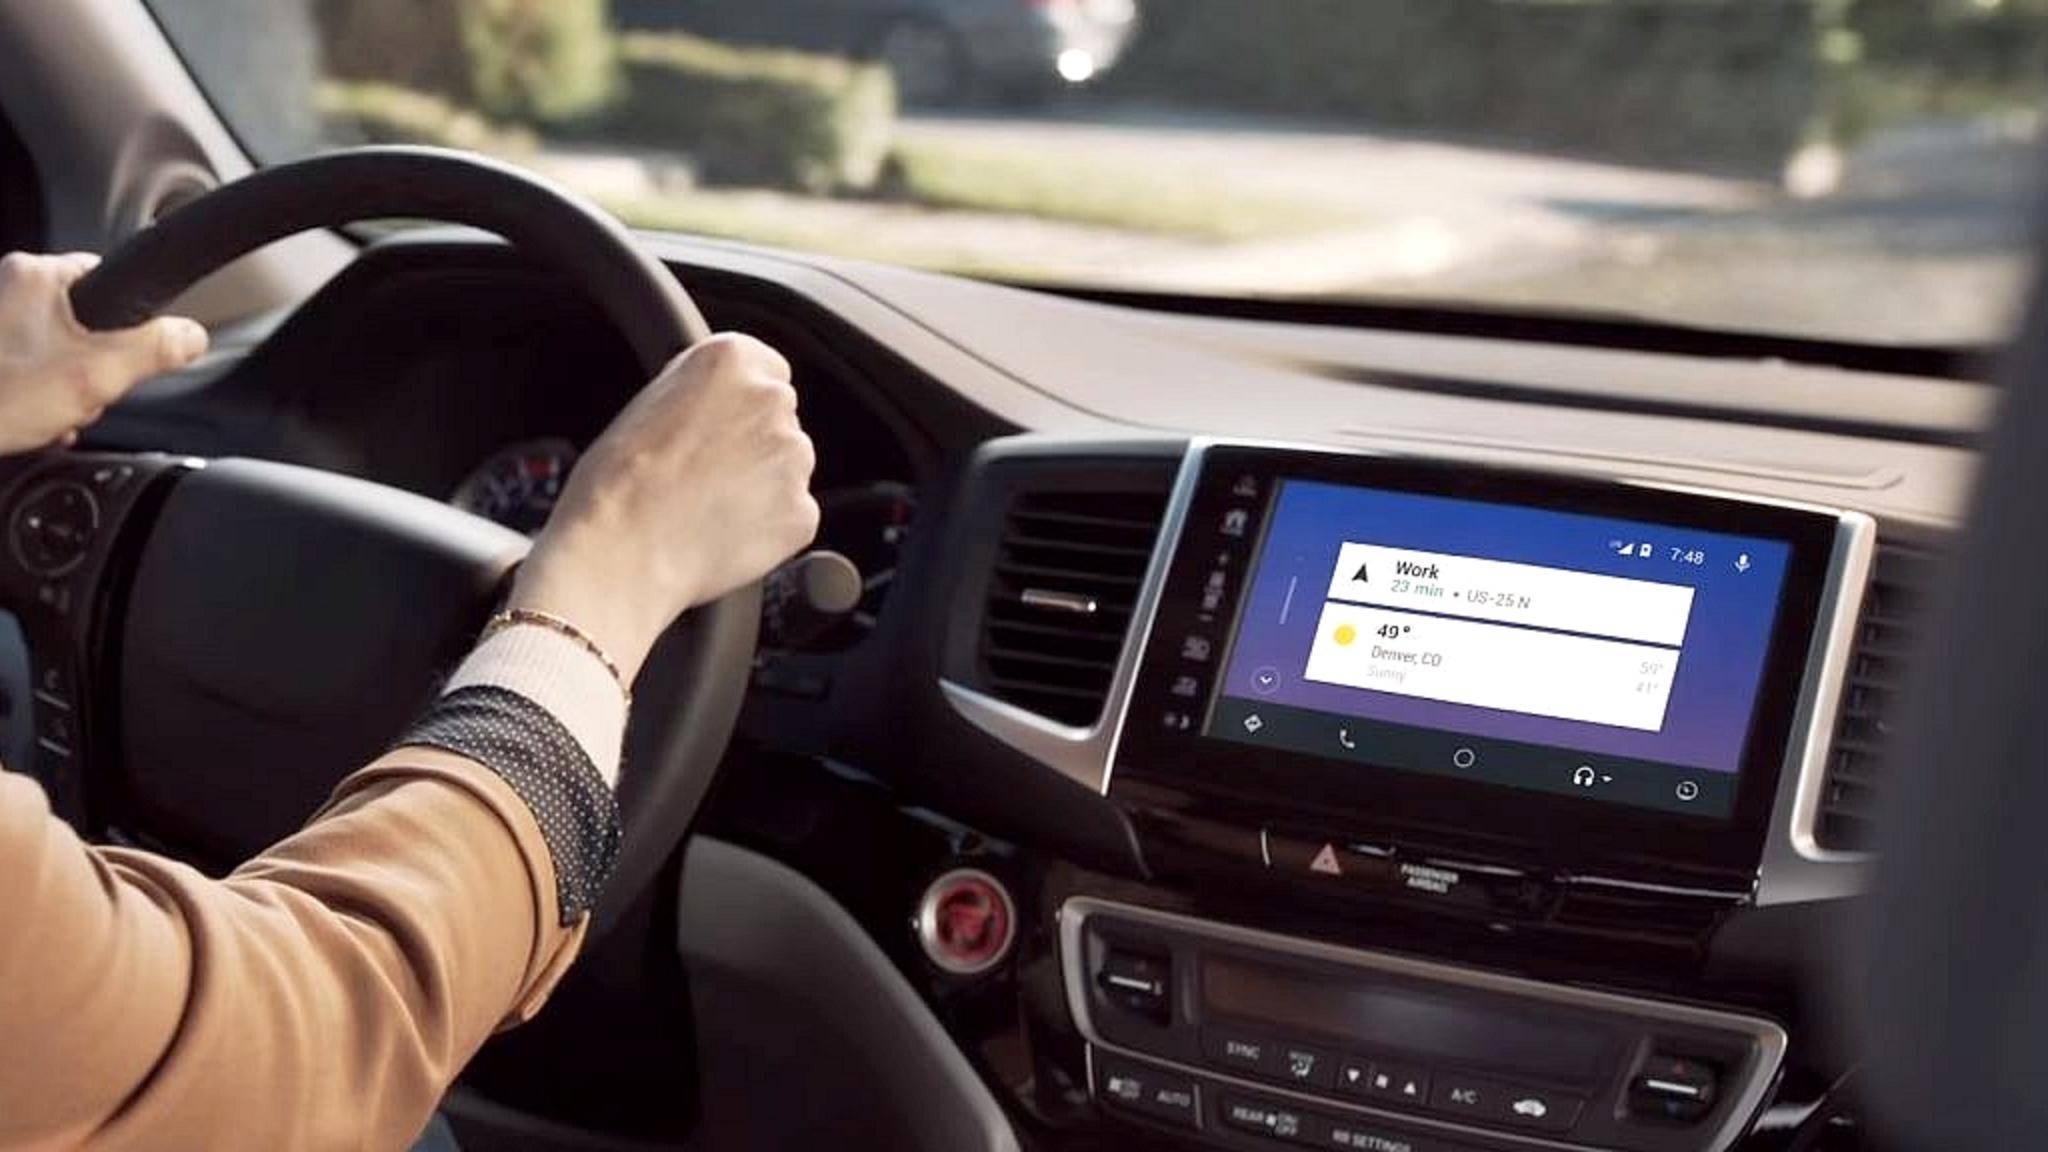 apple carplay nachr sten android auto nachr sten so geht 39 s. Black Bedroom Furniture Sets. Home Design Ideas